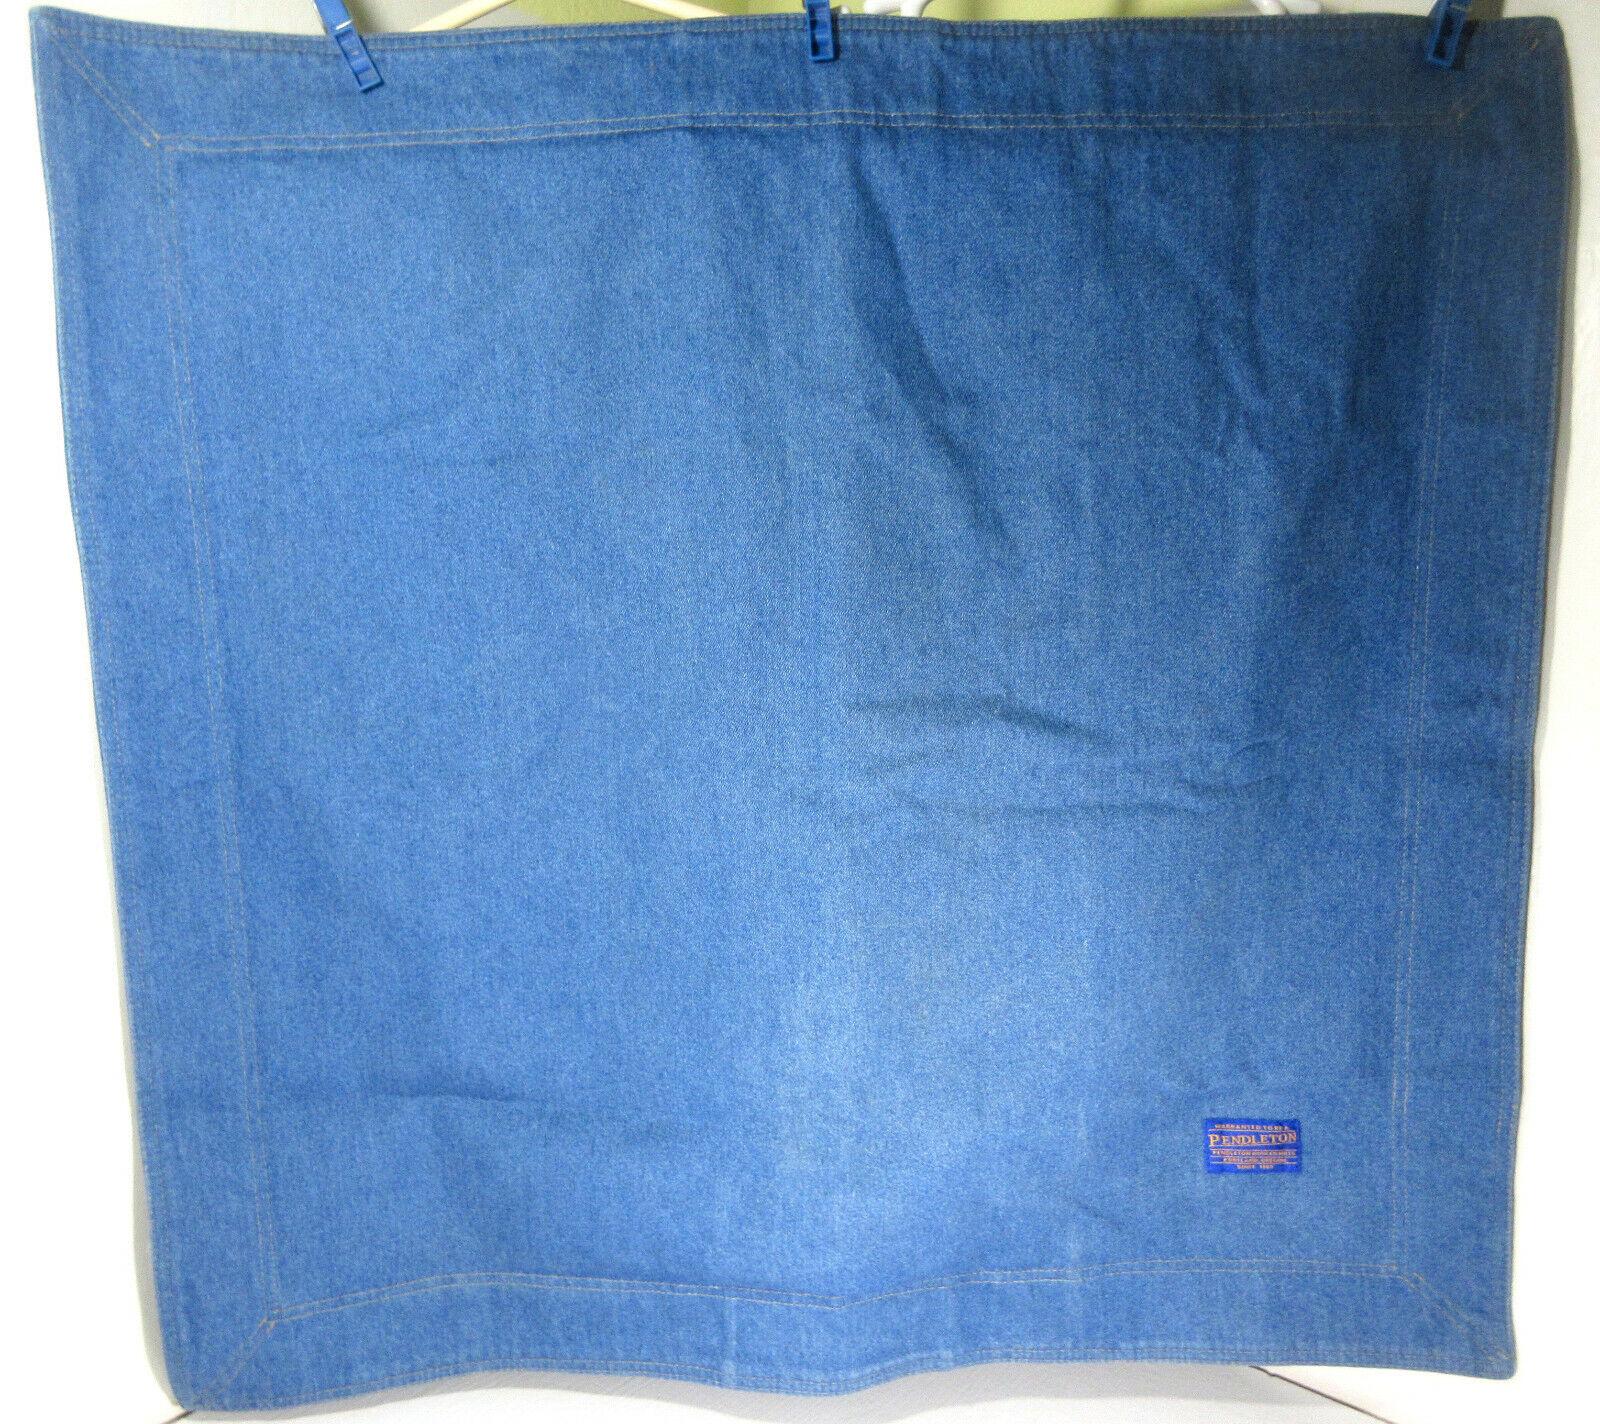 Pendleton Denim 100% Cotton Groß Kissenbezug 78.7cm X 76.2cm   Niedriger Preis und gute Qualität